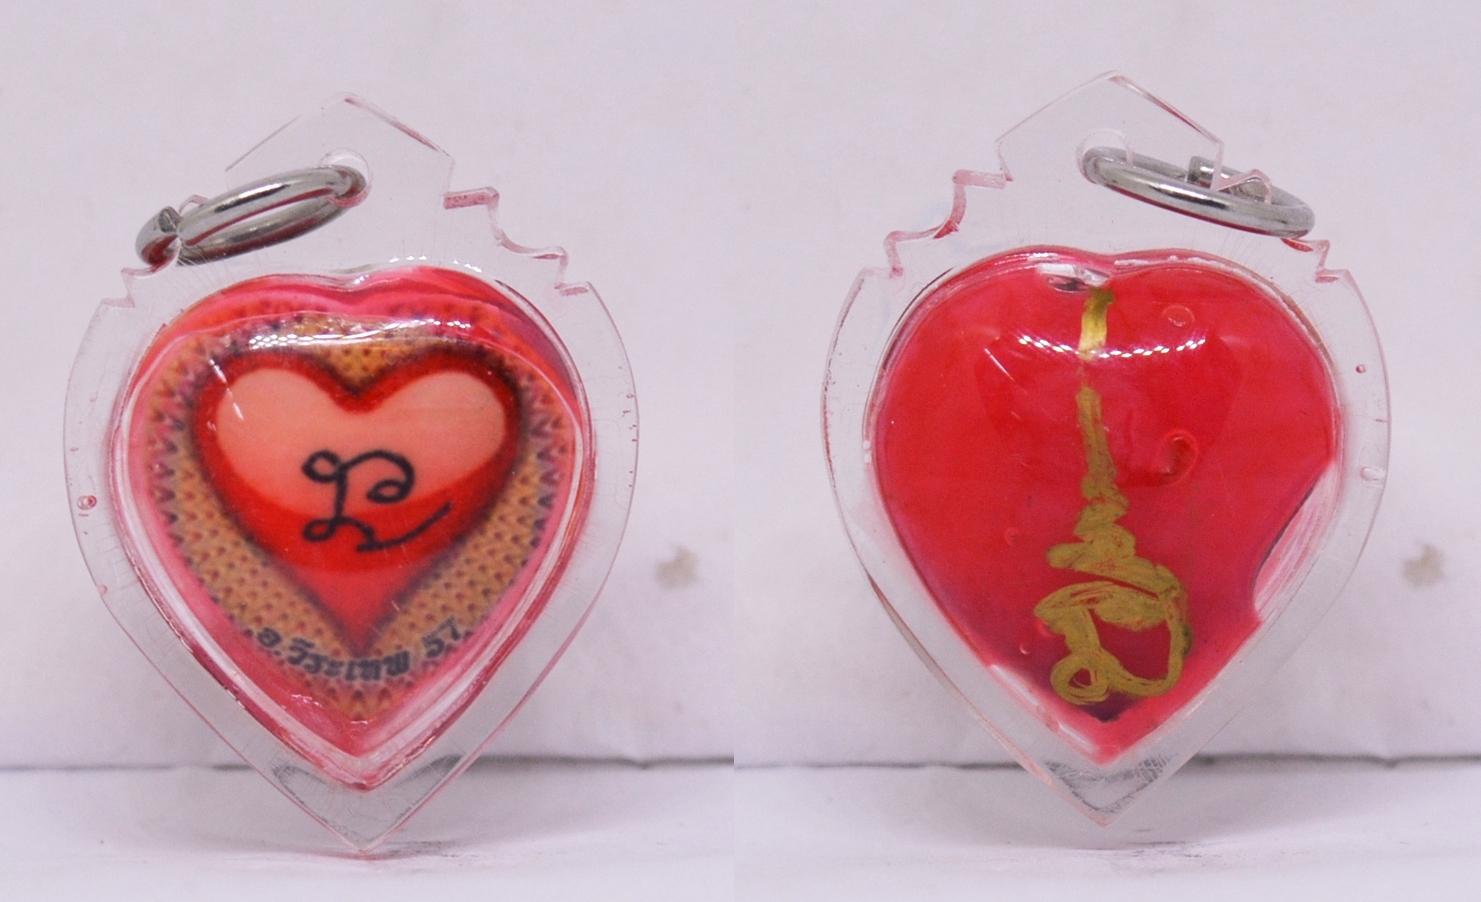 ล็อกเก็ตหัวใจ ใหญ่ เลี่ยมพลาสติก กว้าง 2 ซม  อาจารย์วีรเทพ ญาณครูประสิทธ์ 2557